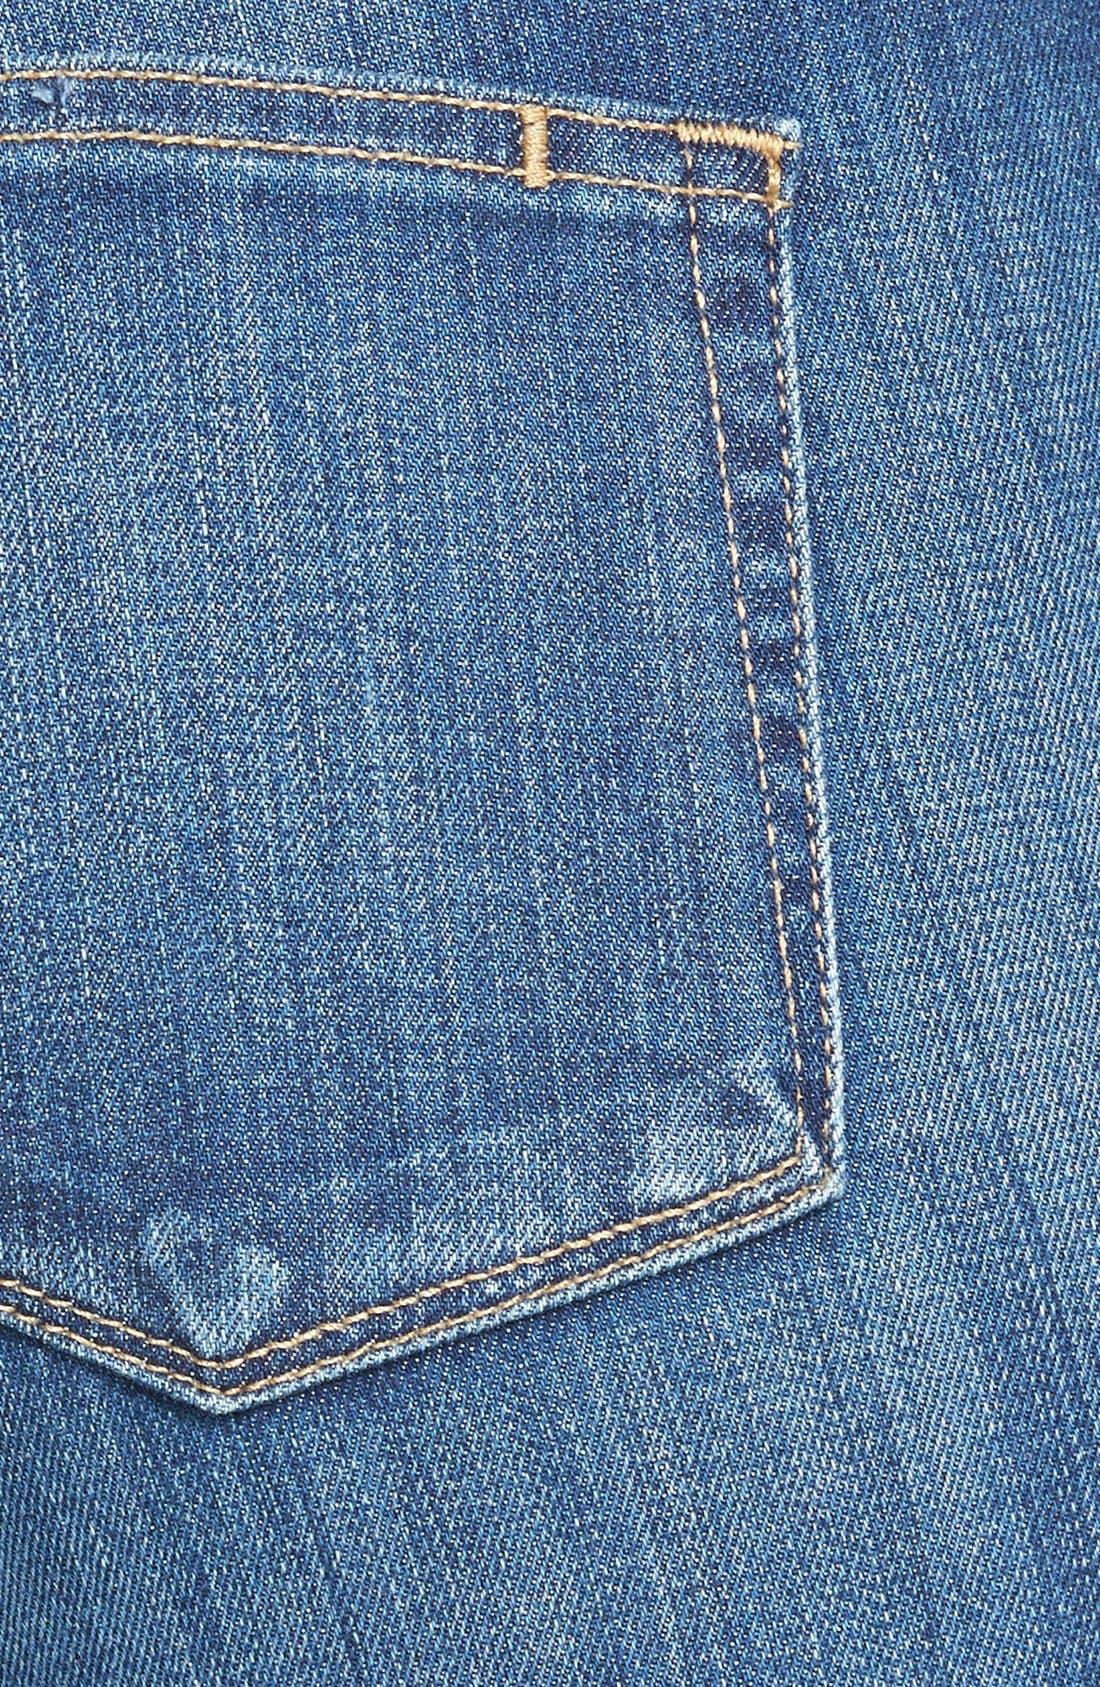 Alternate Image 3  - Paige Denim 'Hoxton' Ankle Jeans (Orson Blue)